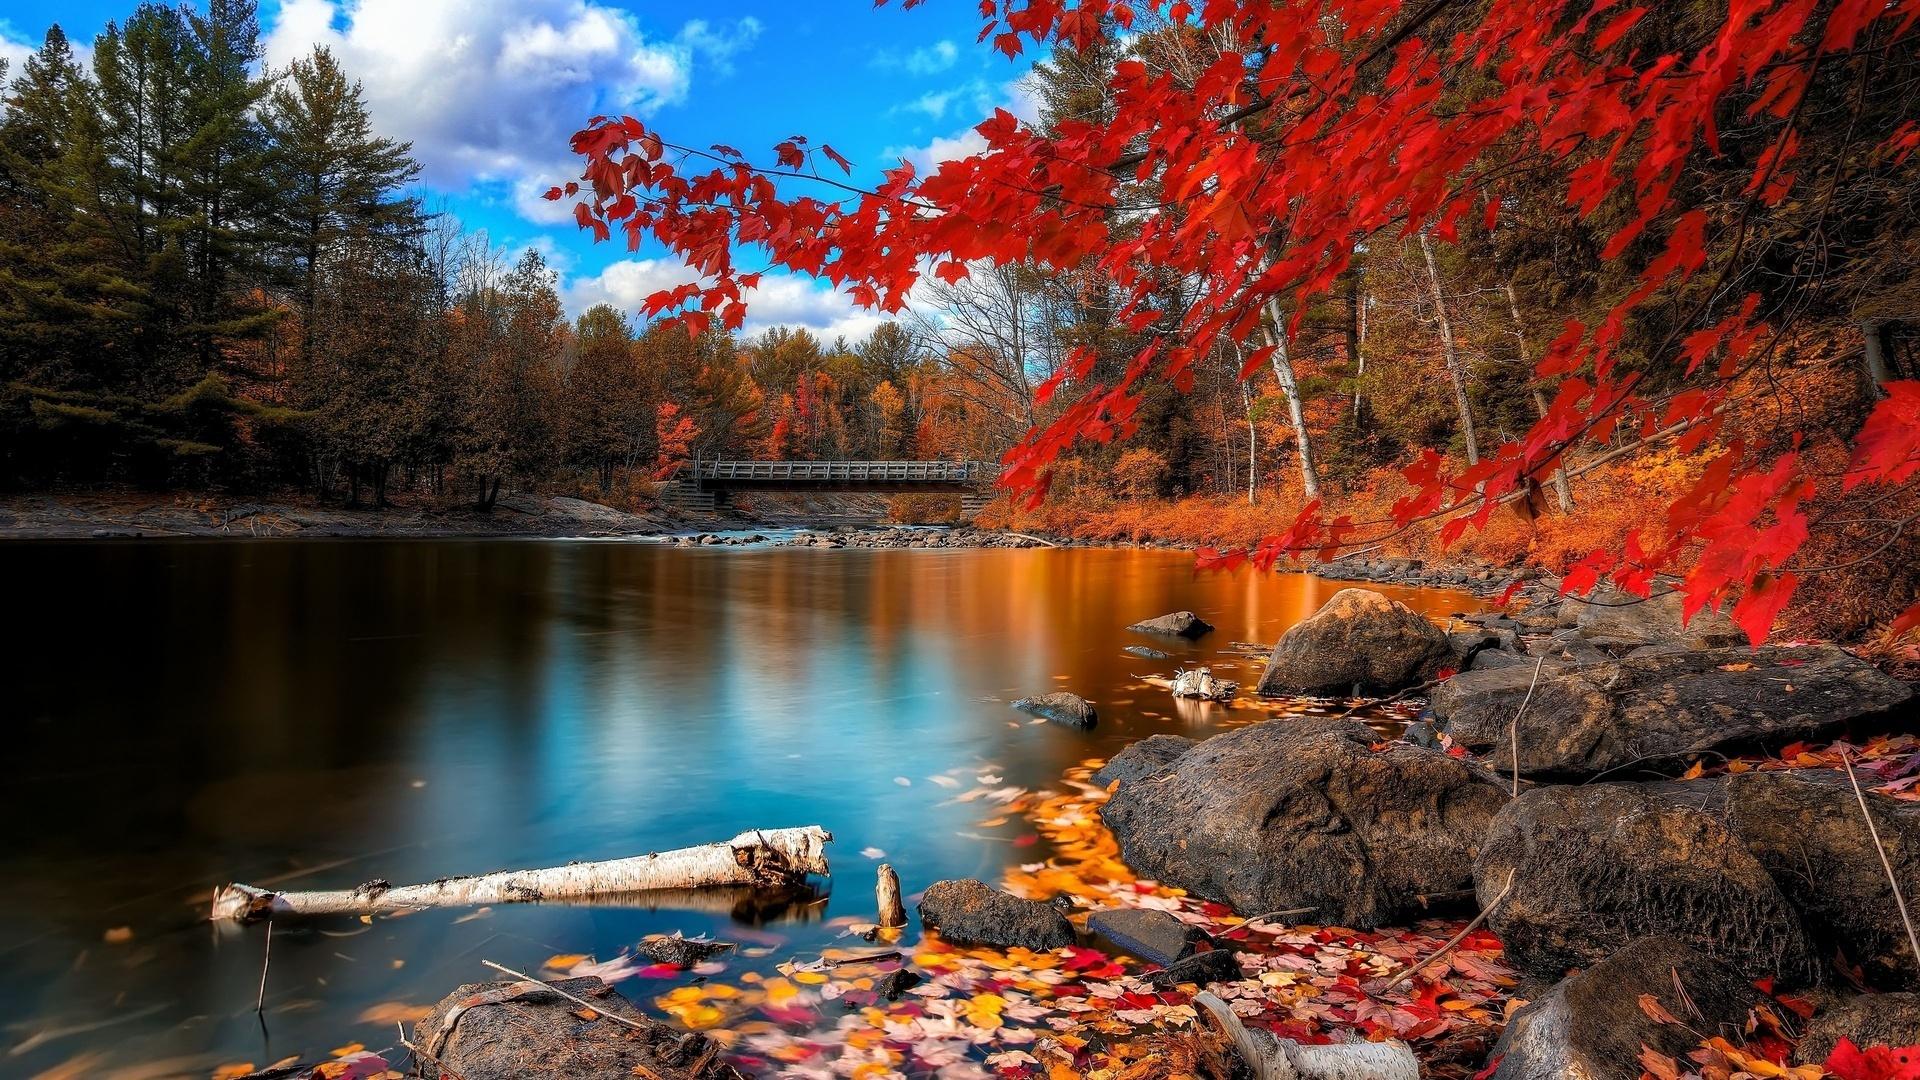 Great Wallpaper Minecraft Autumn - autumn_Wallpaper_011  Trends_33923.jpg